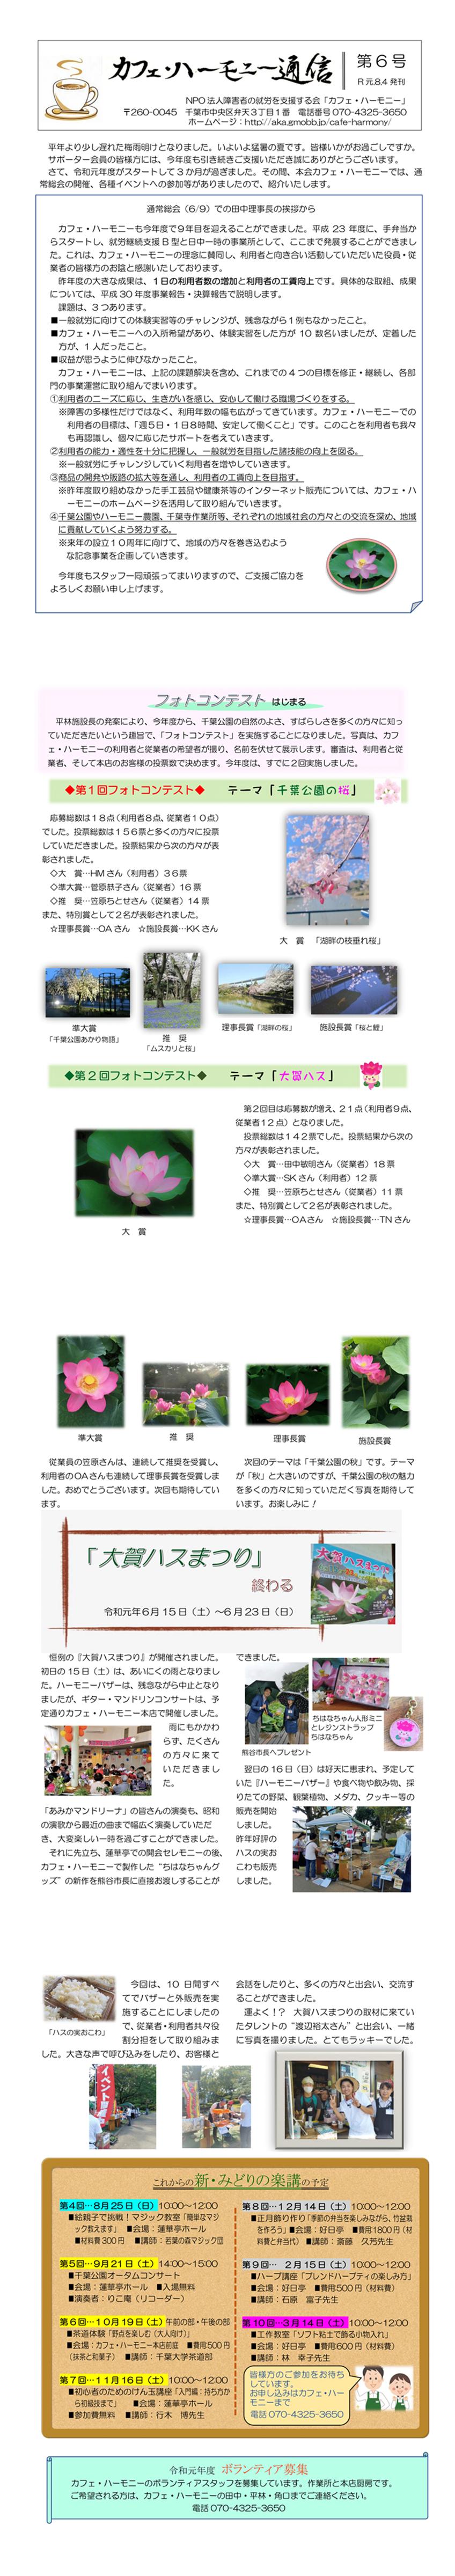 カフェ・ハーモニー通信 第6号